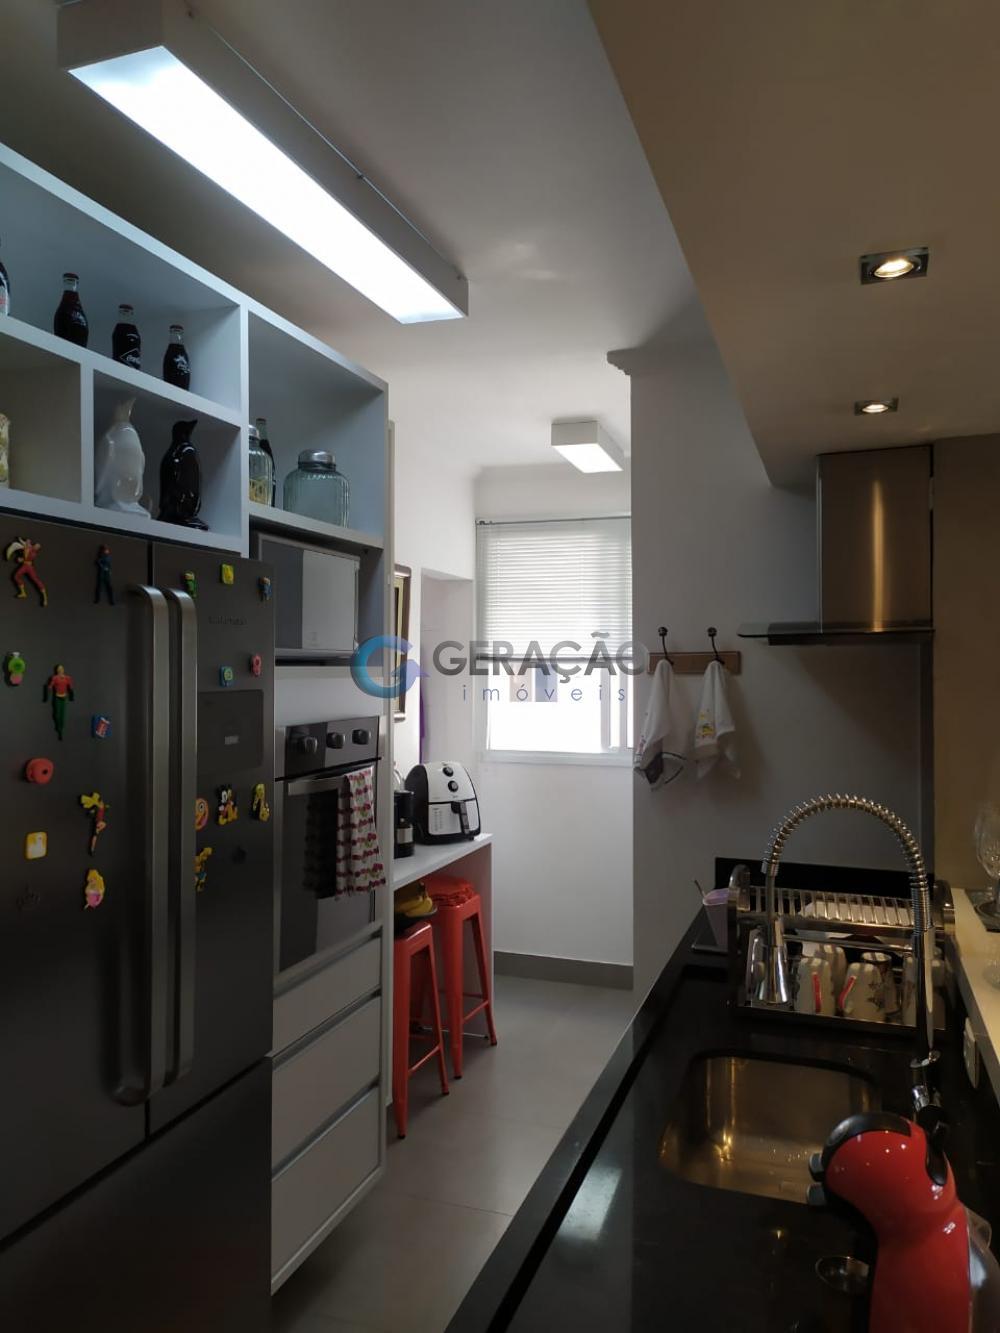 Comprar Apartamento / Padrão em São José dos Campos apenas R$ 565.000,00 - Foto 10